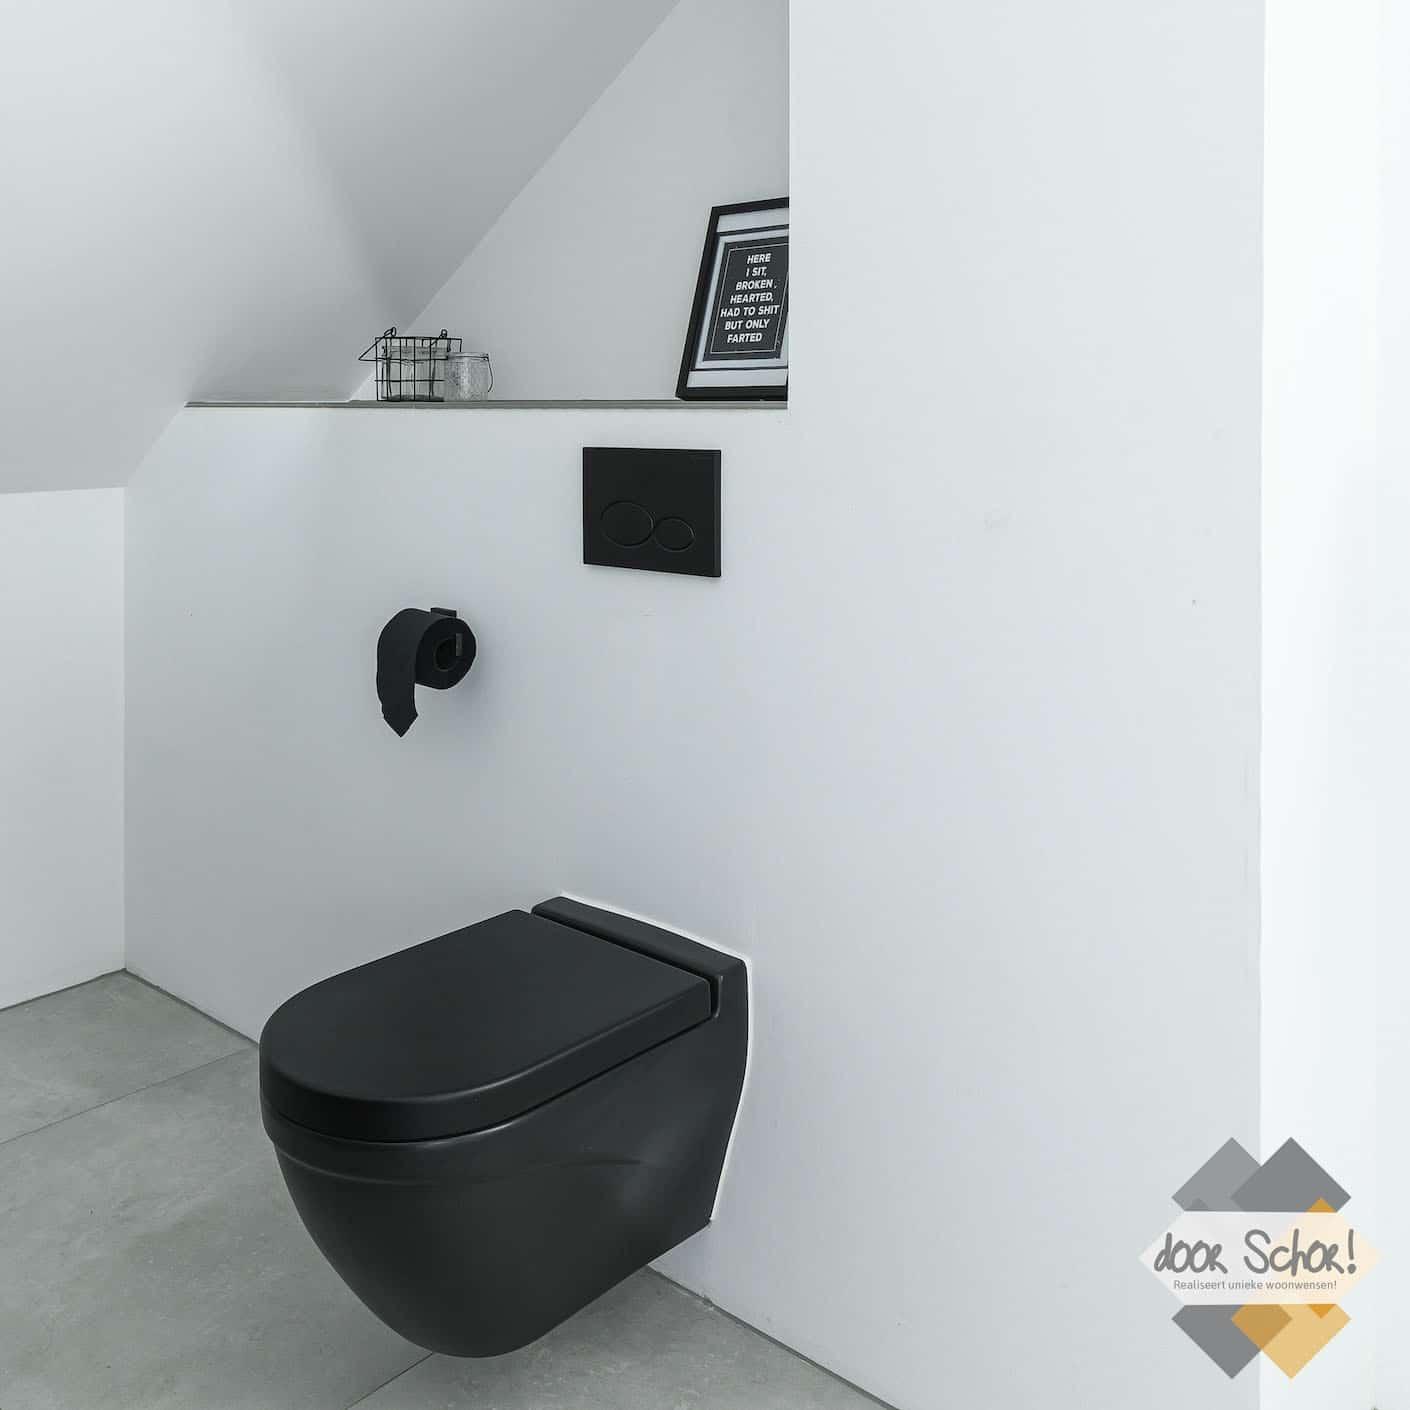 Zwart toilet met zwarte details zoals de toiletrolhouder